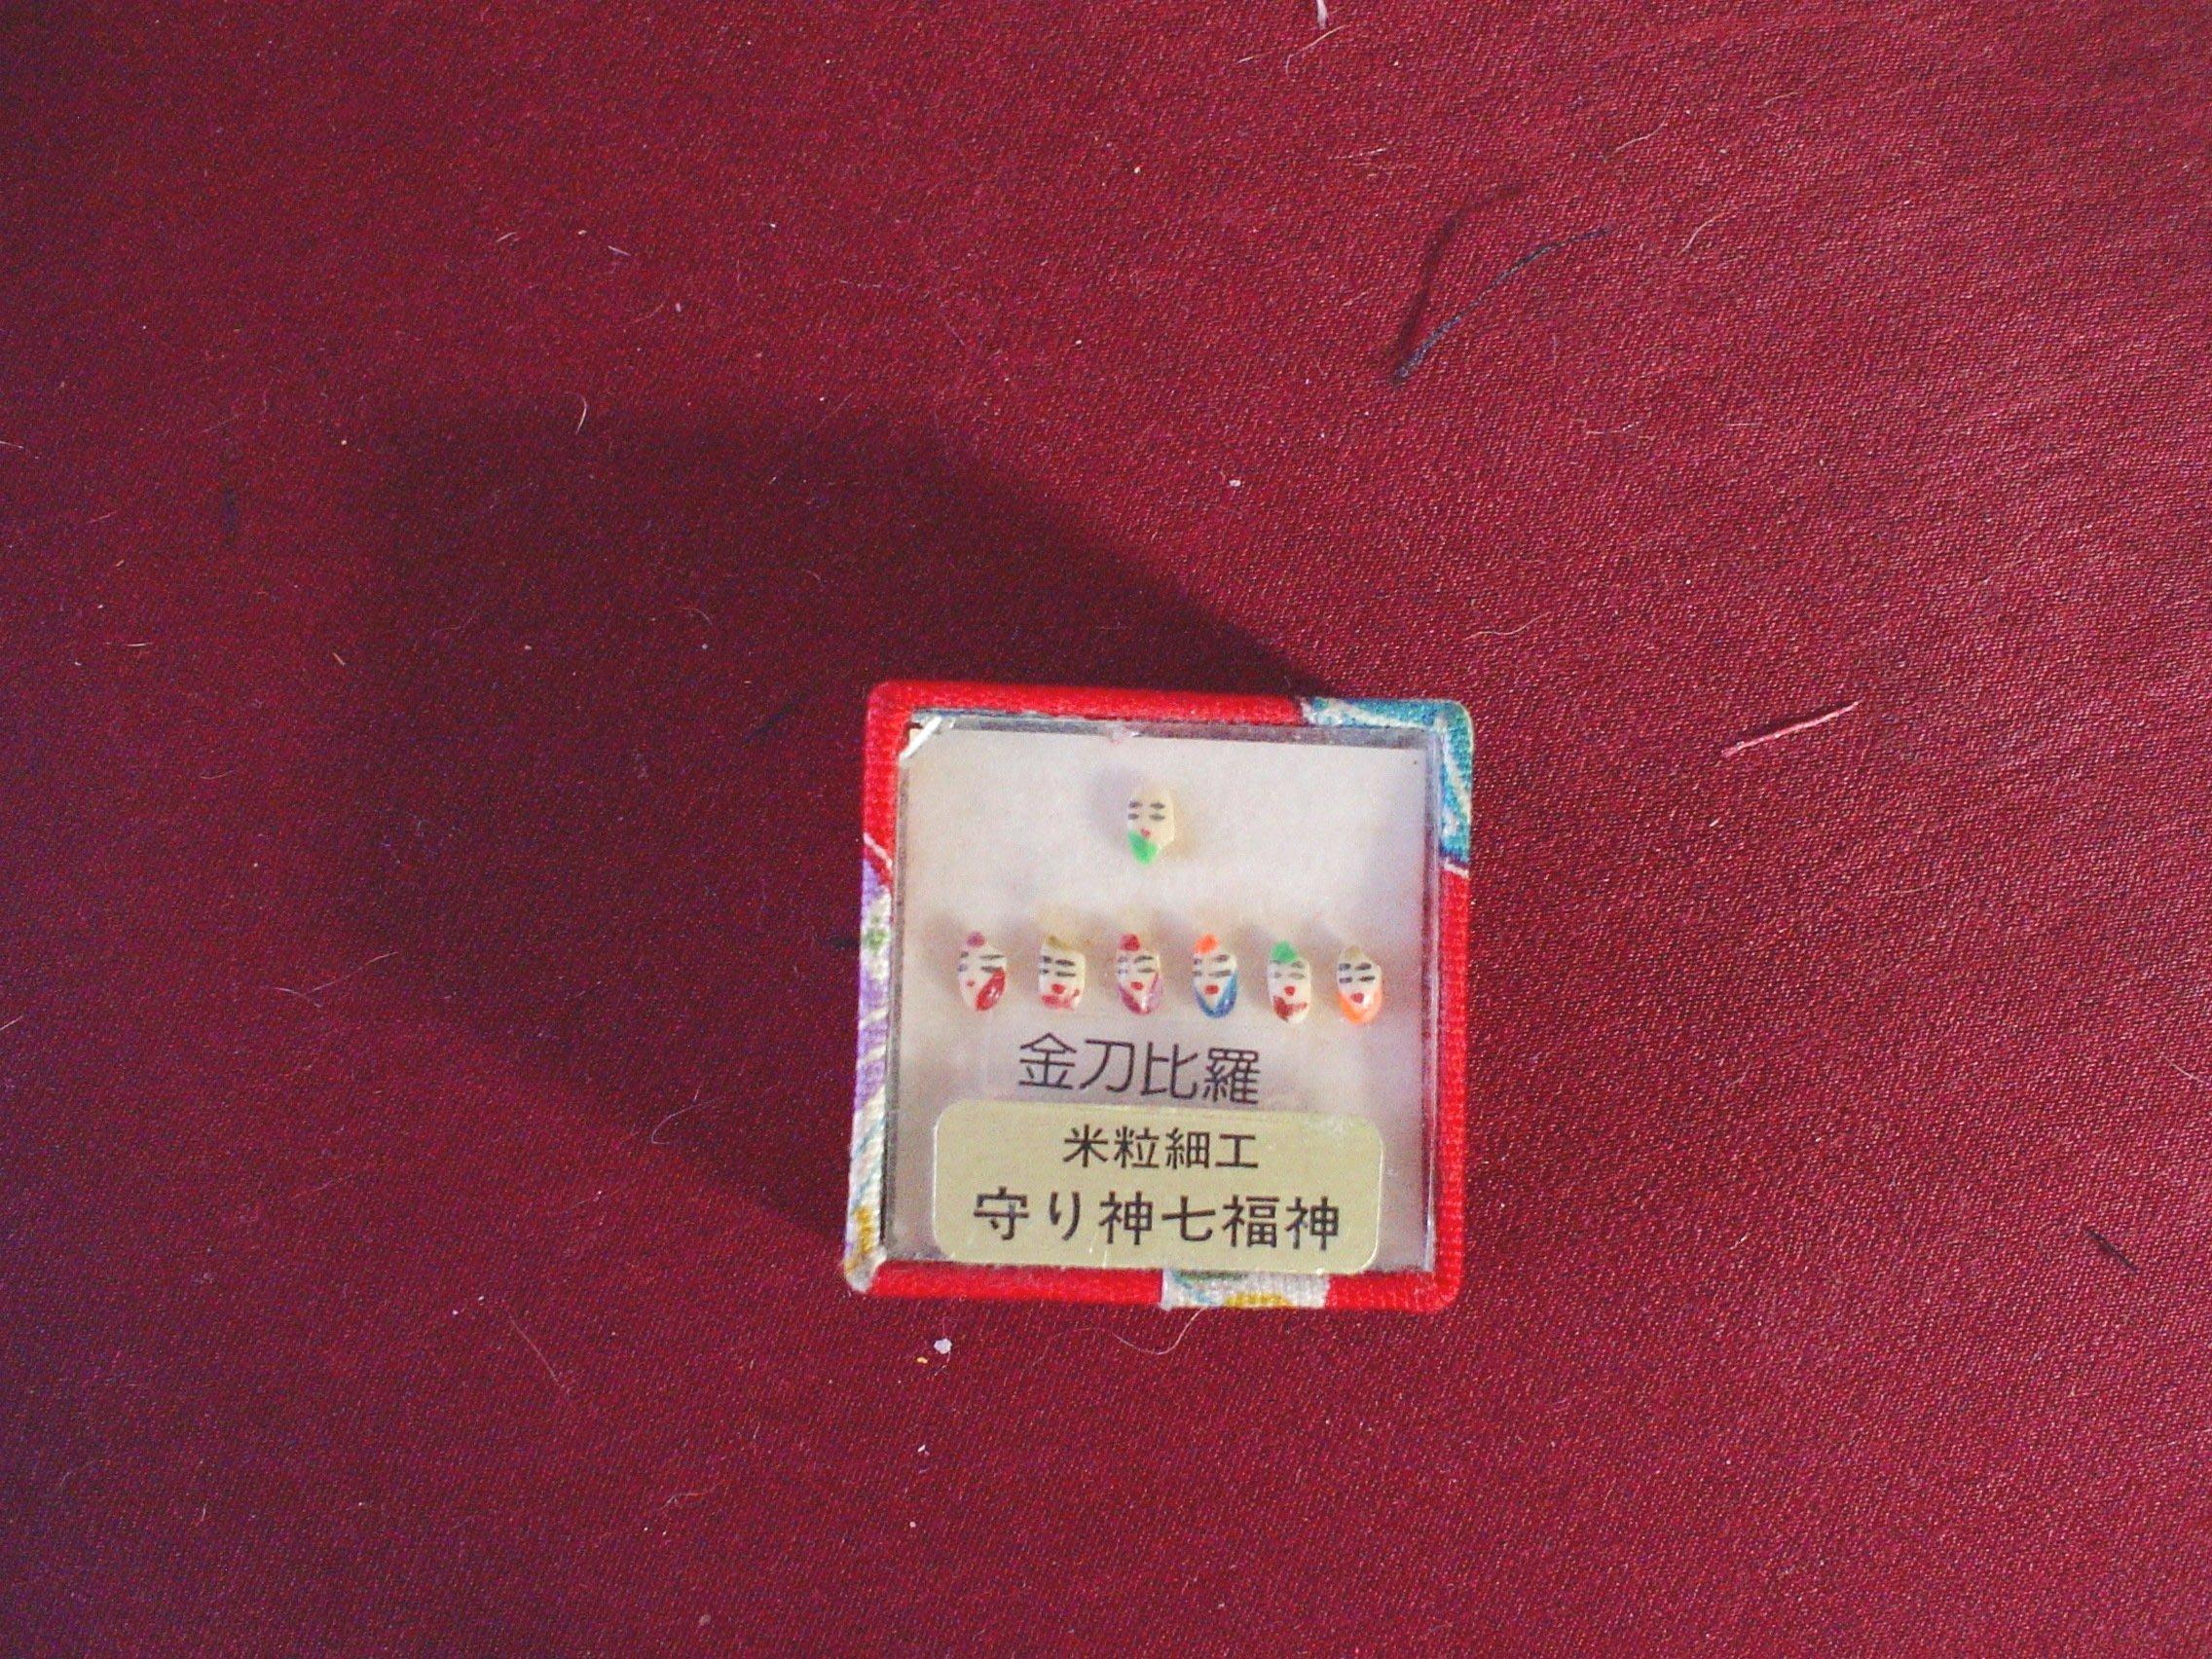 日本七福神 米粒 size 3x5mm細工 盒size 4x2x4cm 二手藏品